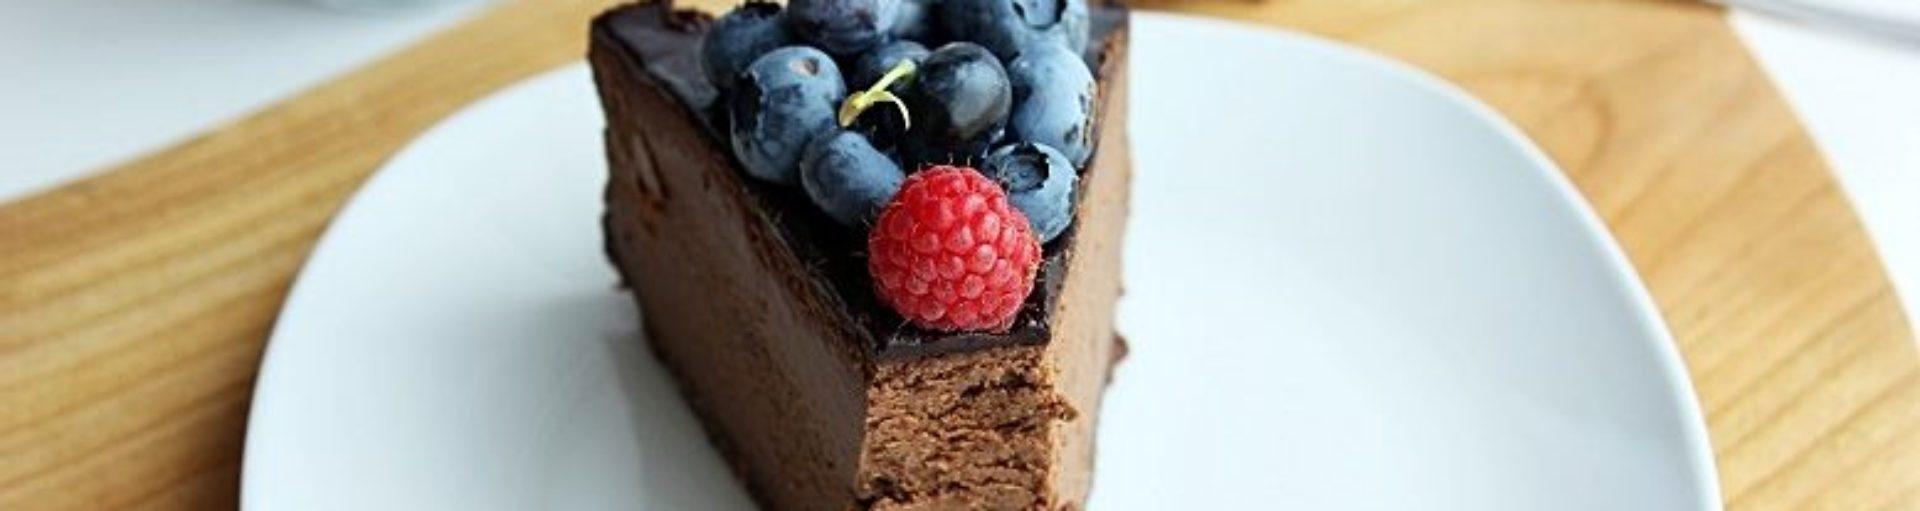 Sernik czekoladowy z owocami lata